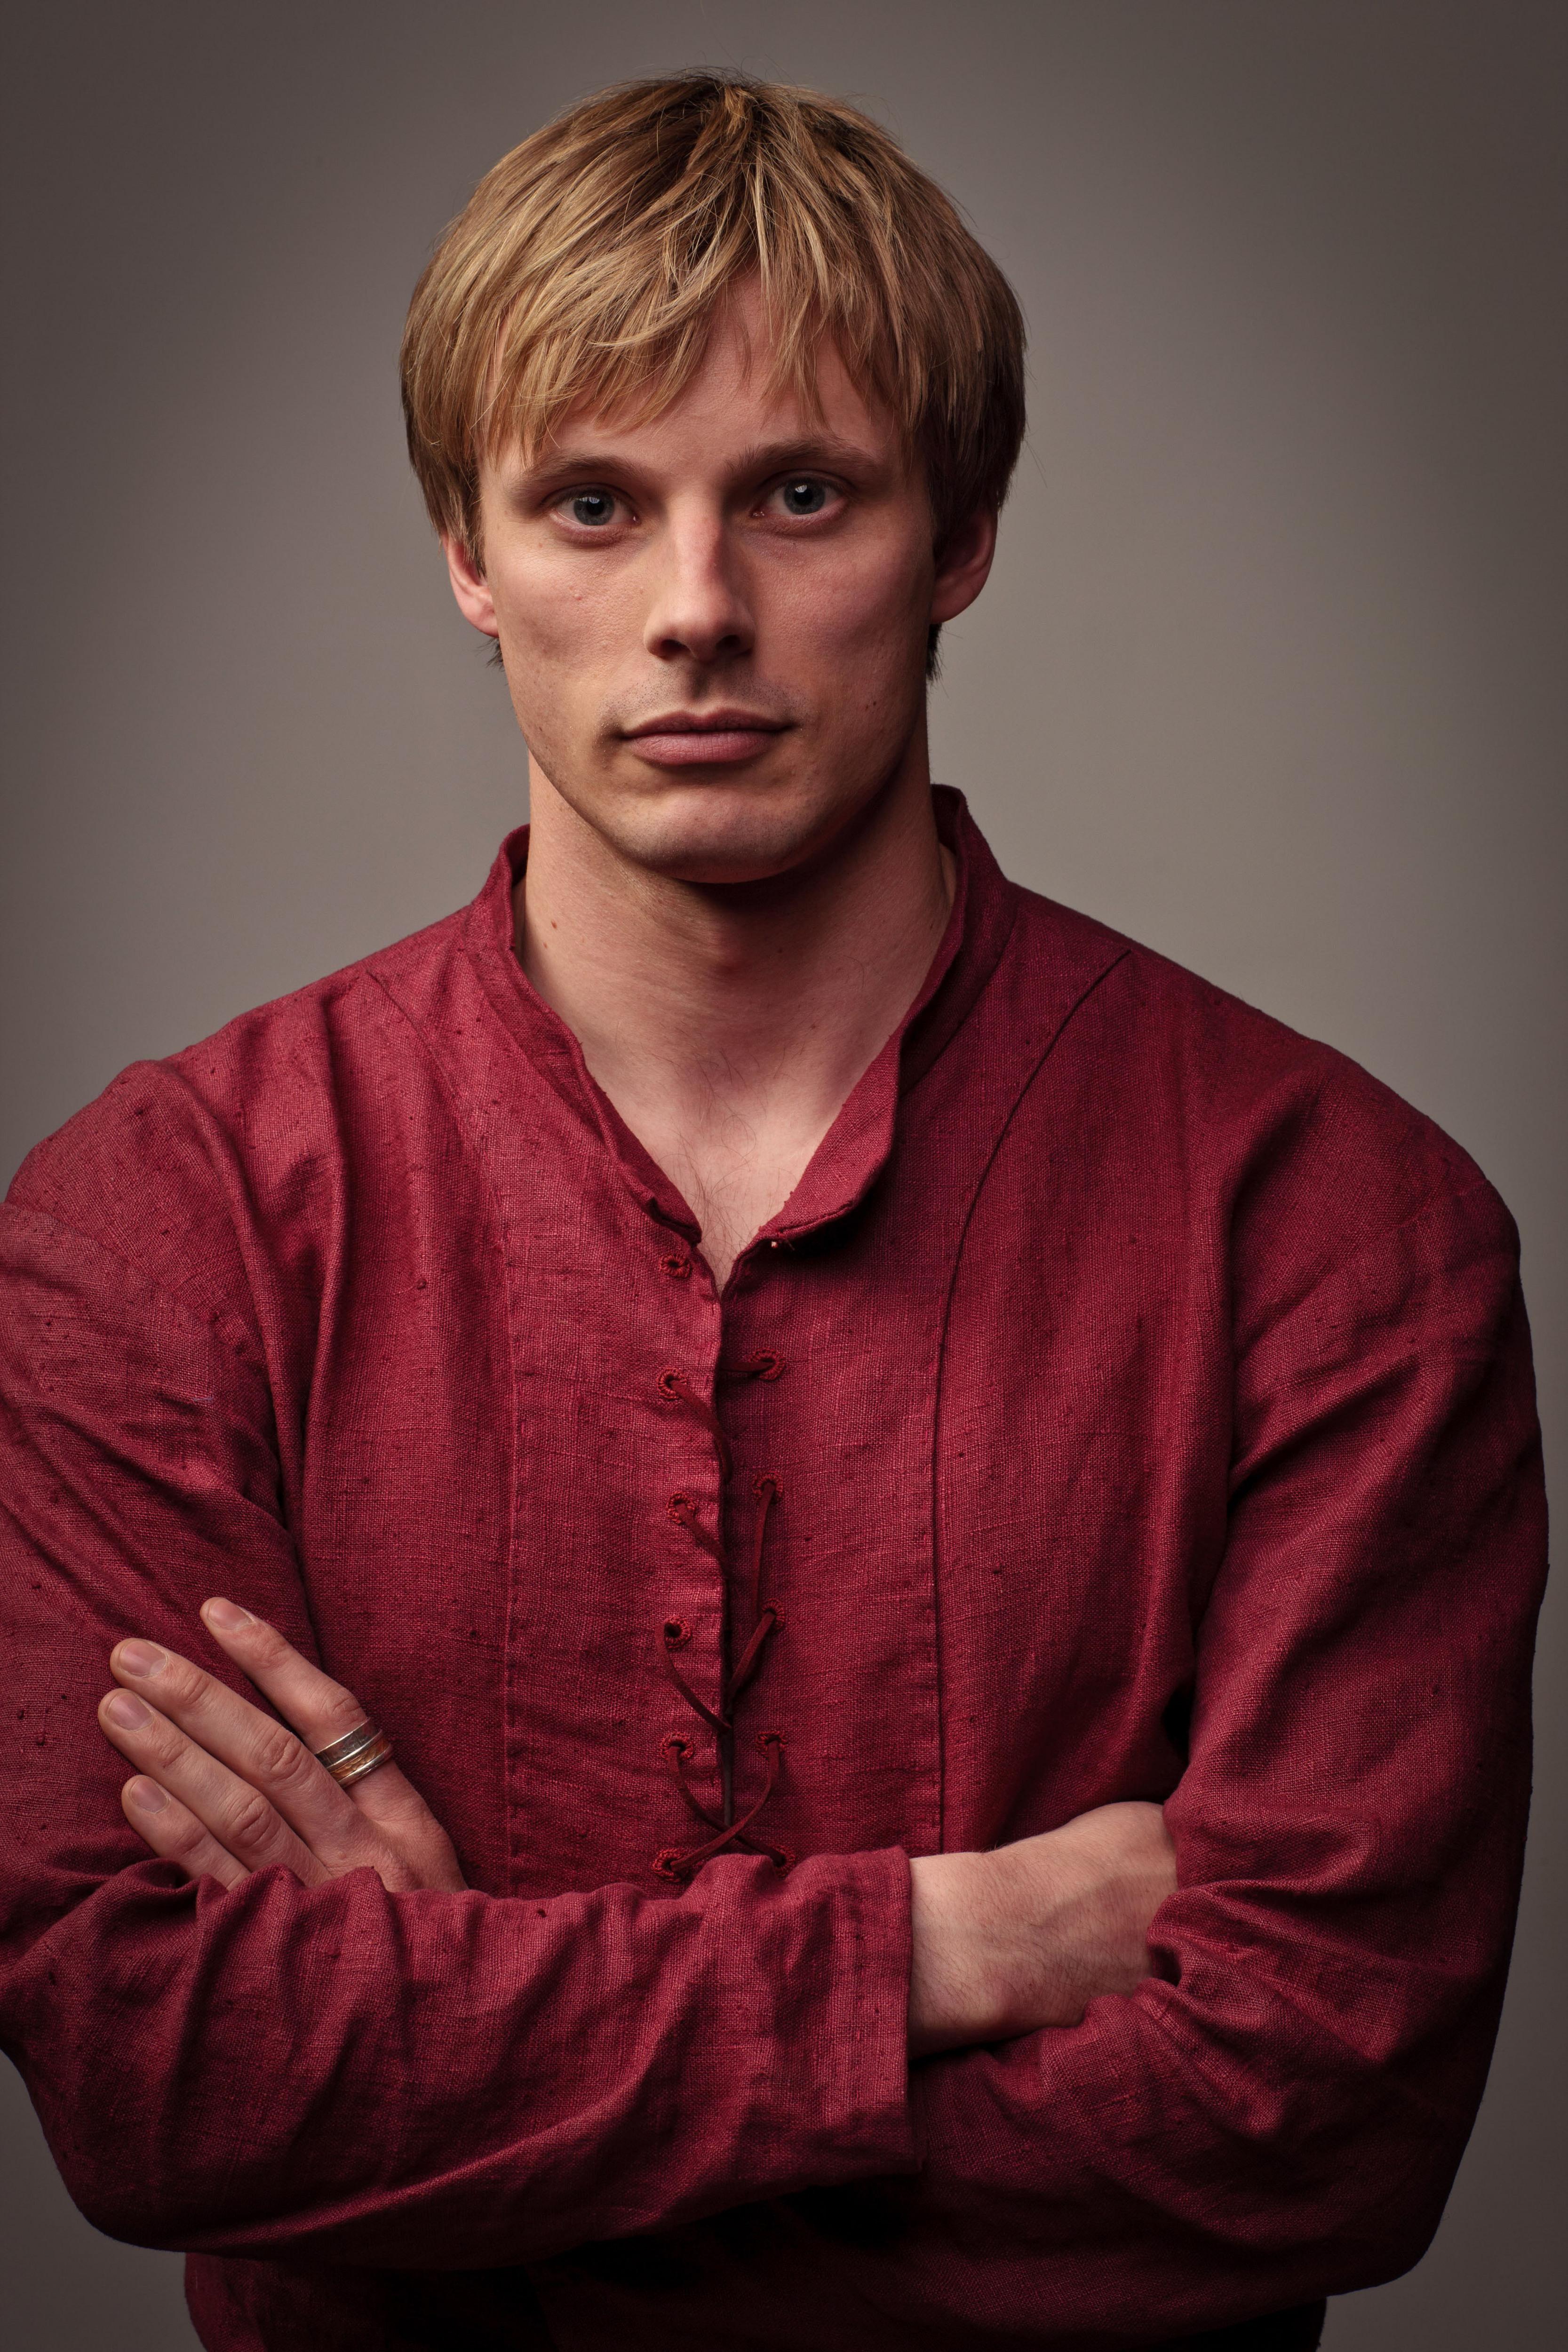 Merlin Characters Merlin Season 5 Promo PicturesKing Arthur And Merlin